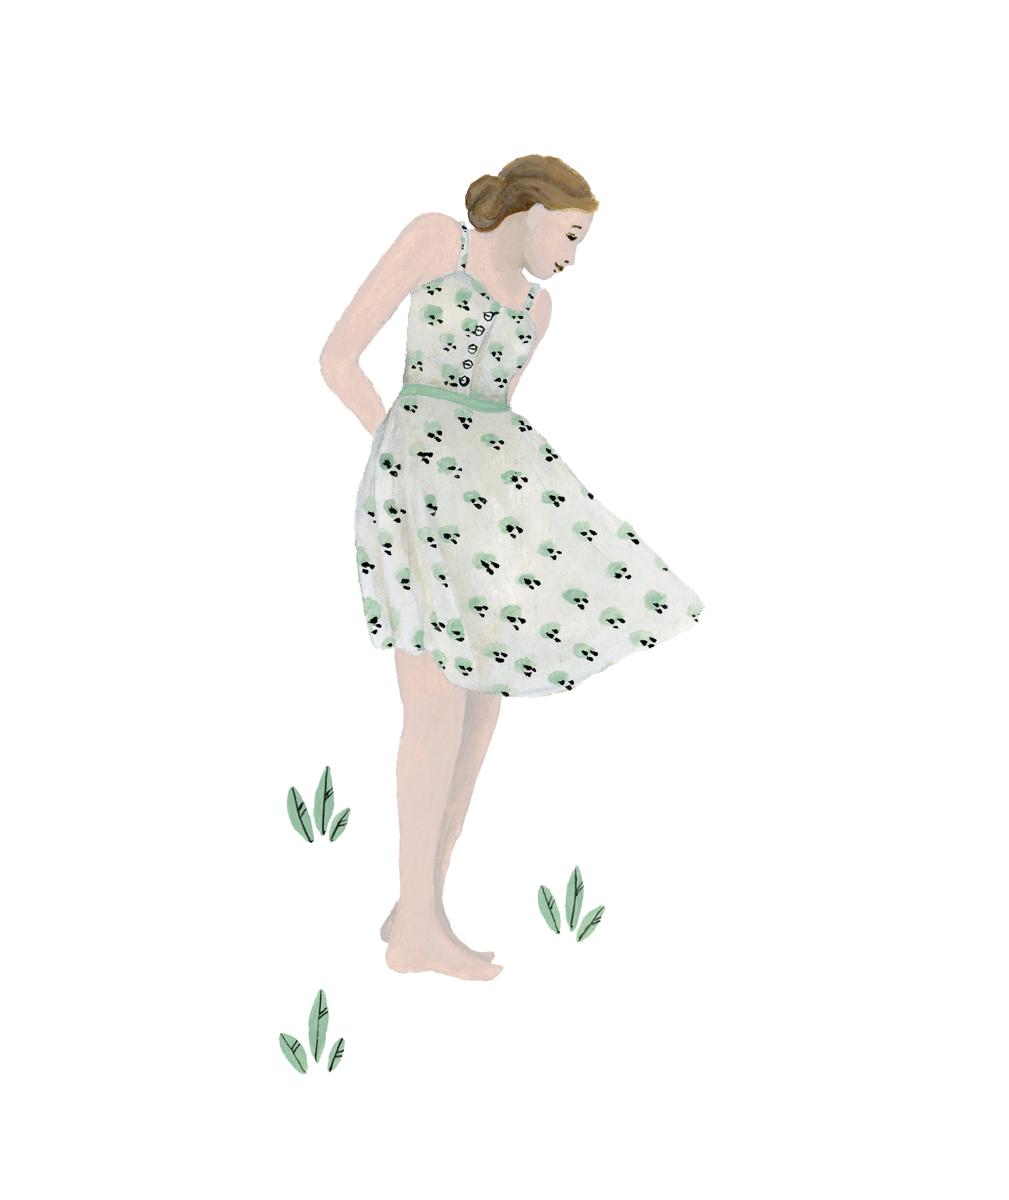 lacabanenvoyage-mensen-illustraties-tekeningen-3.jpg